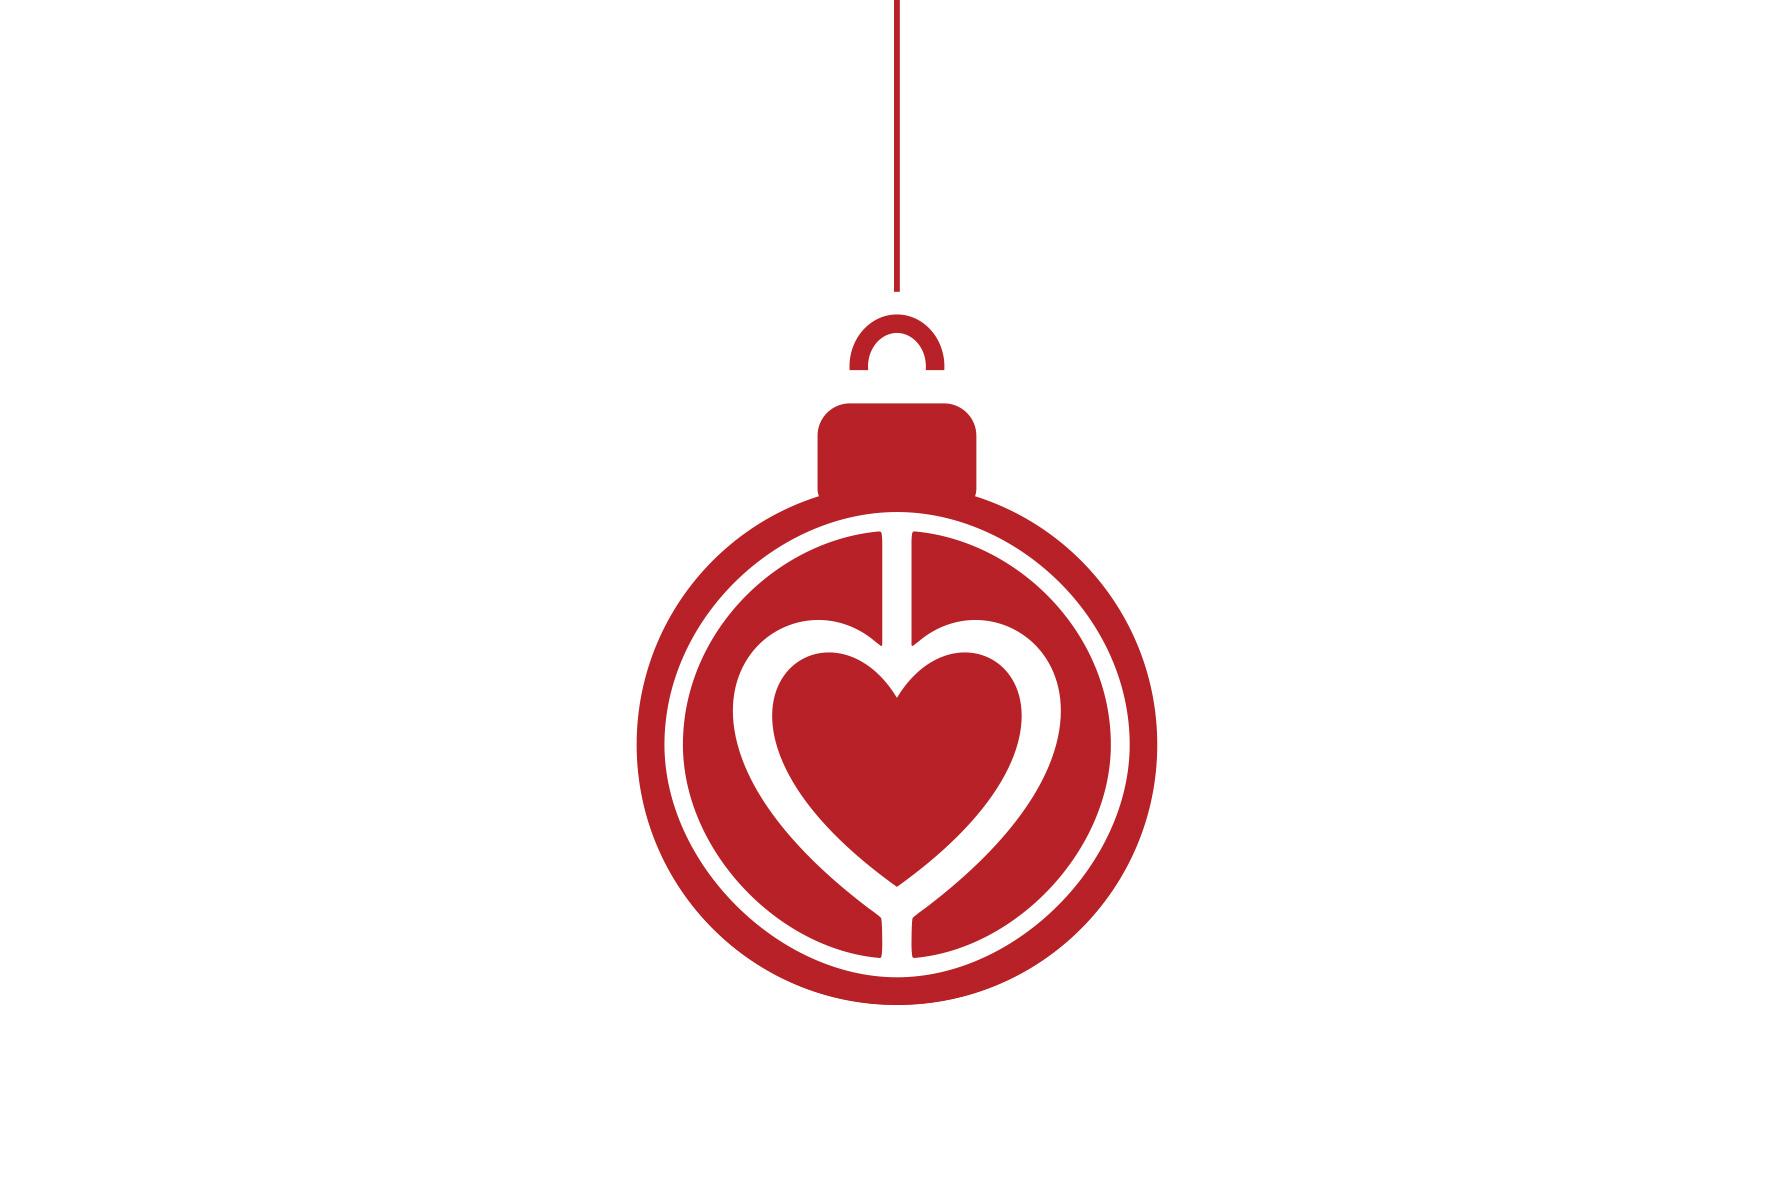 Hjerteforeninge_DanielleBrandtDesign